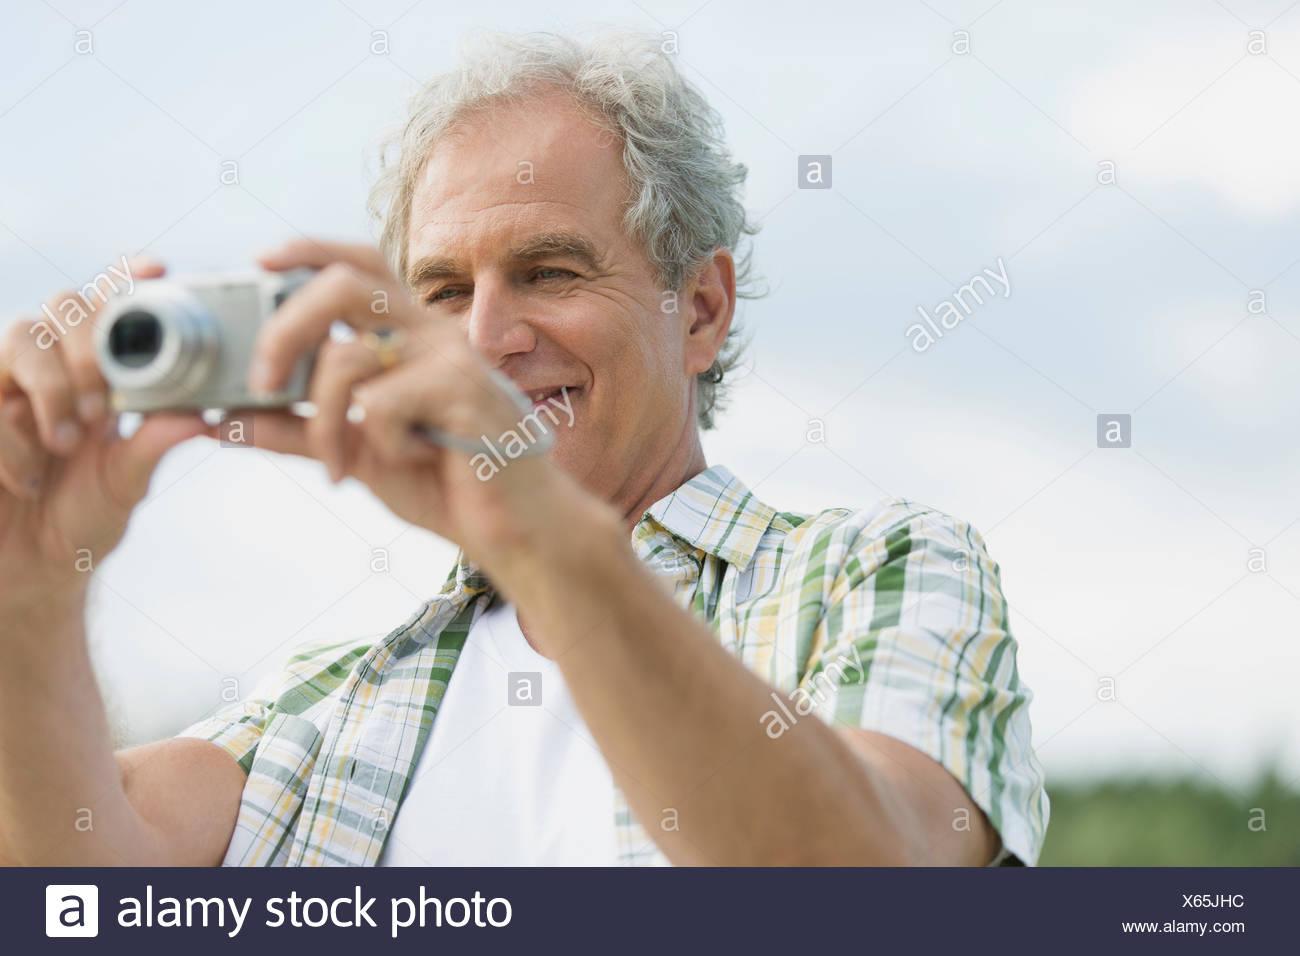 Atractivo hombre senior centrándose cámara en el exterior. Imagen De Stock